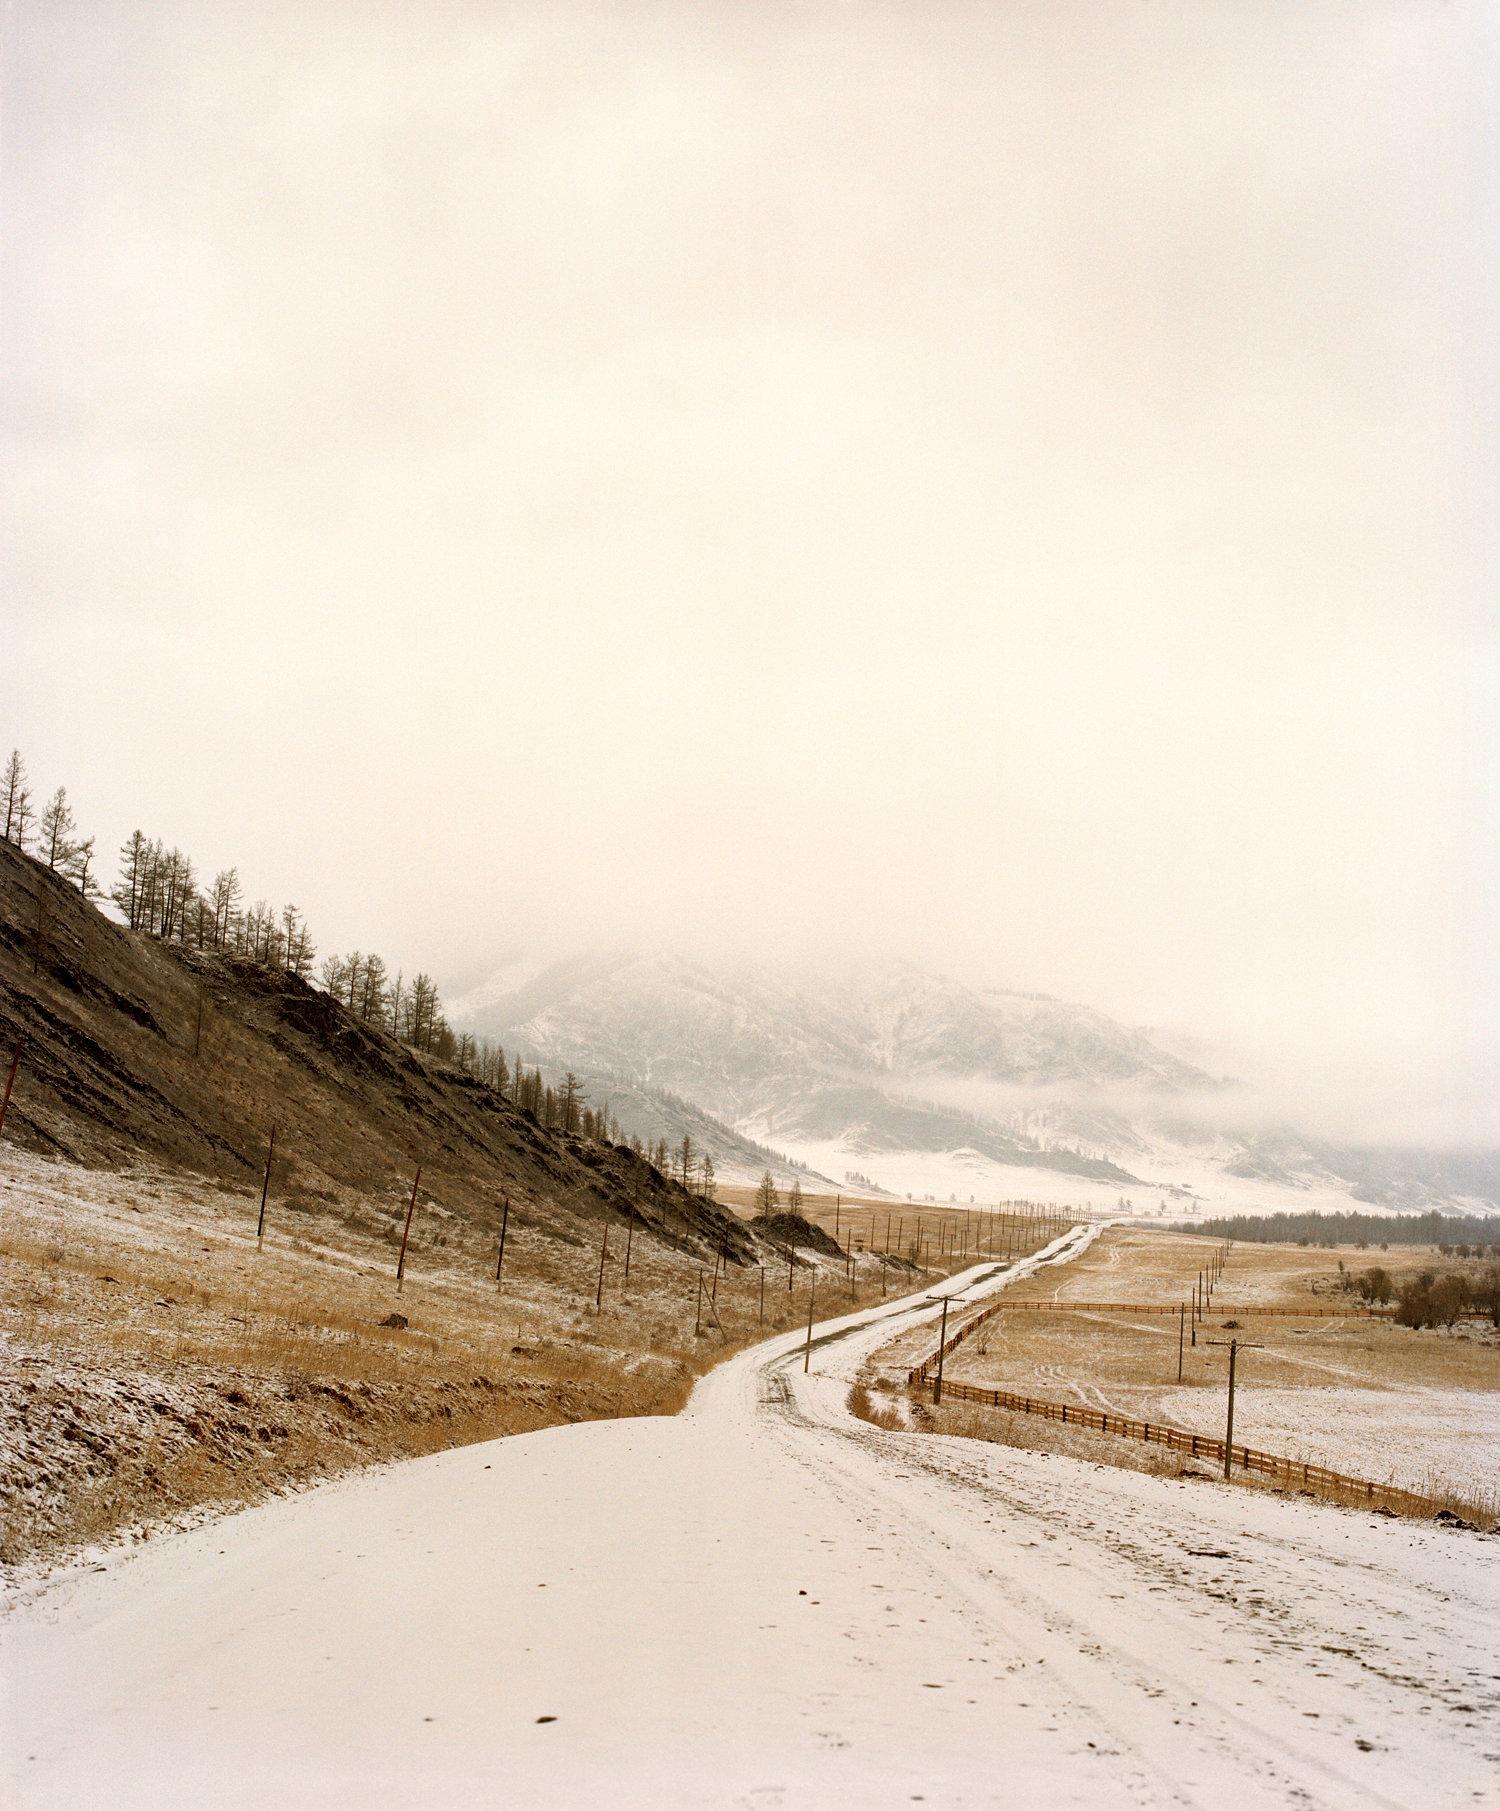 Road to Altai © Jeroen Toirkens